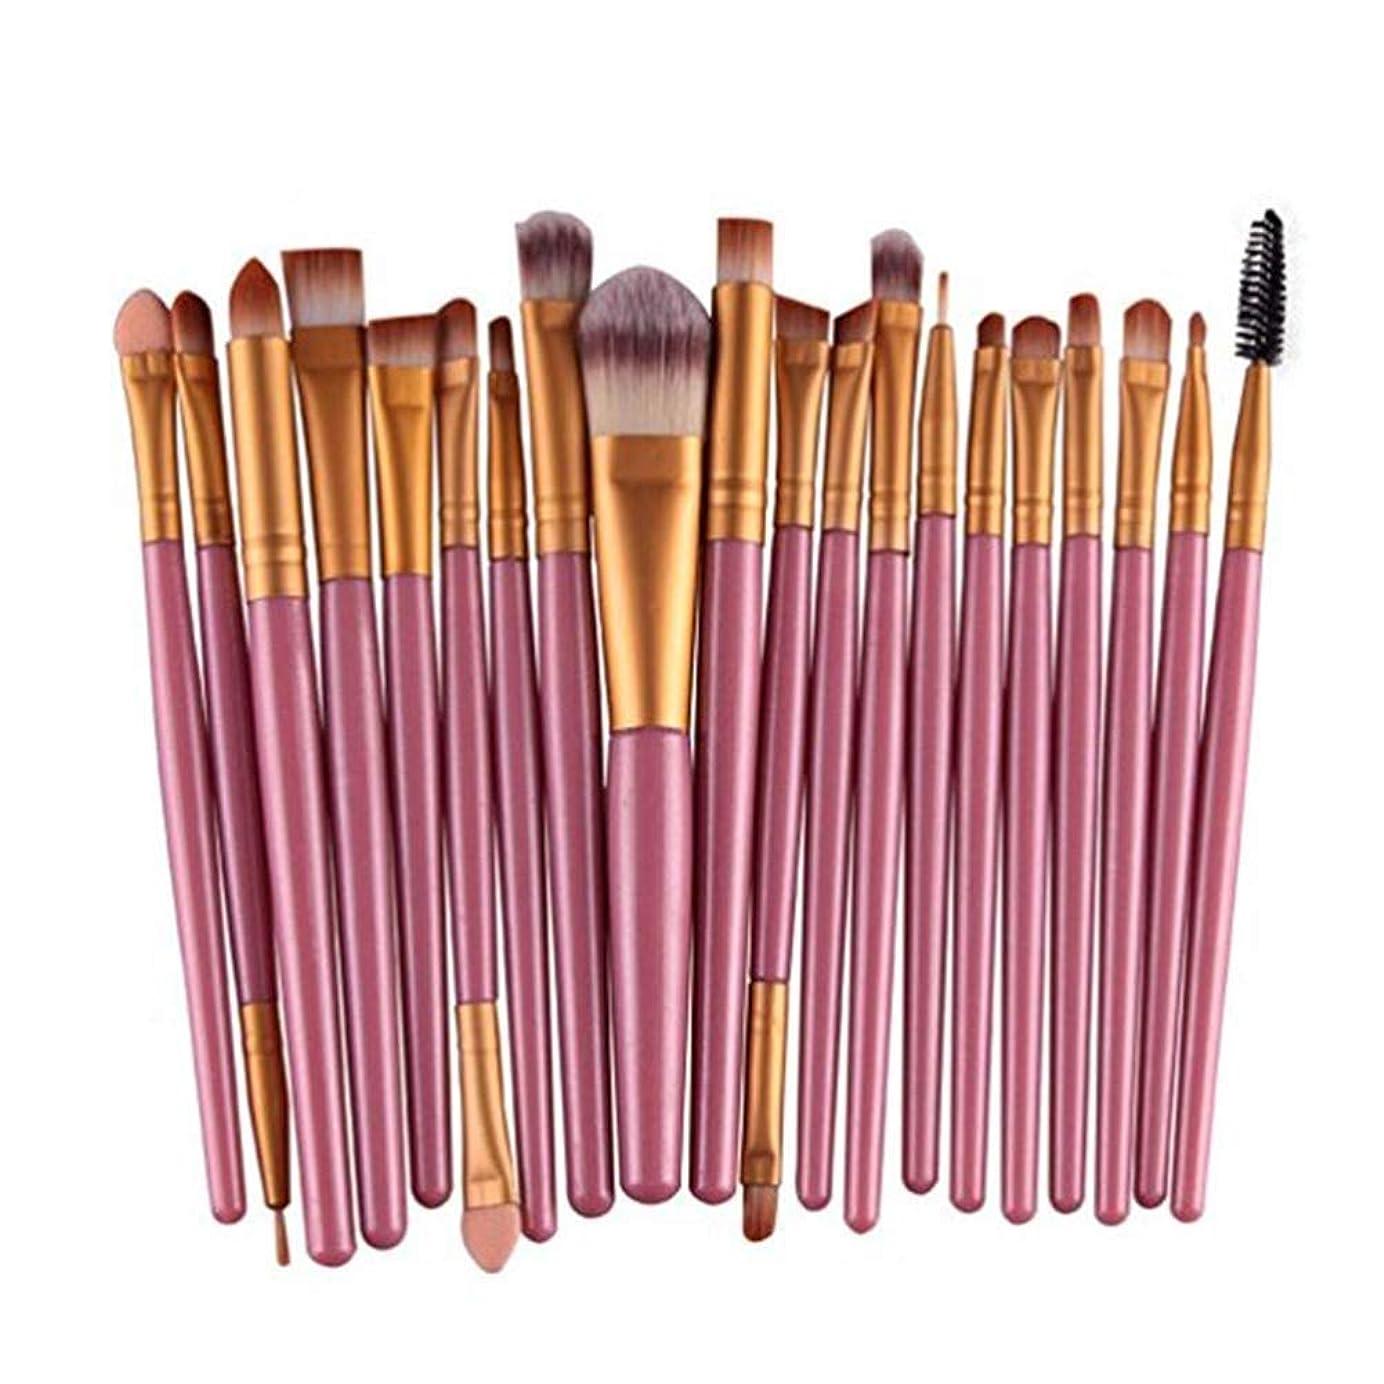 性別わずかに打撃アイシャドウブラシセット20ピース化粧アイブラシアイシャドウブレンドブラシアイブロウアイライナーリップブラシ美容ブラシ、ギフトに最適 (Color : Pink)